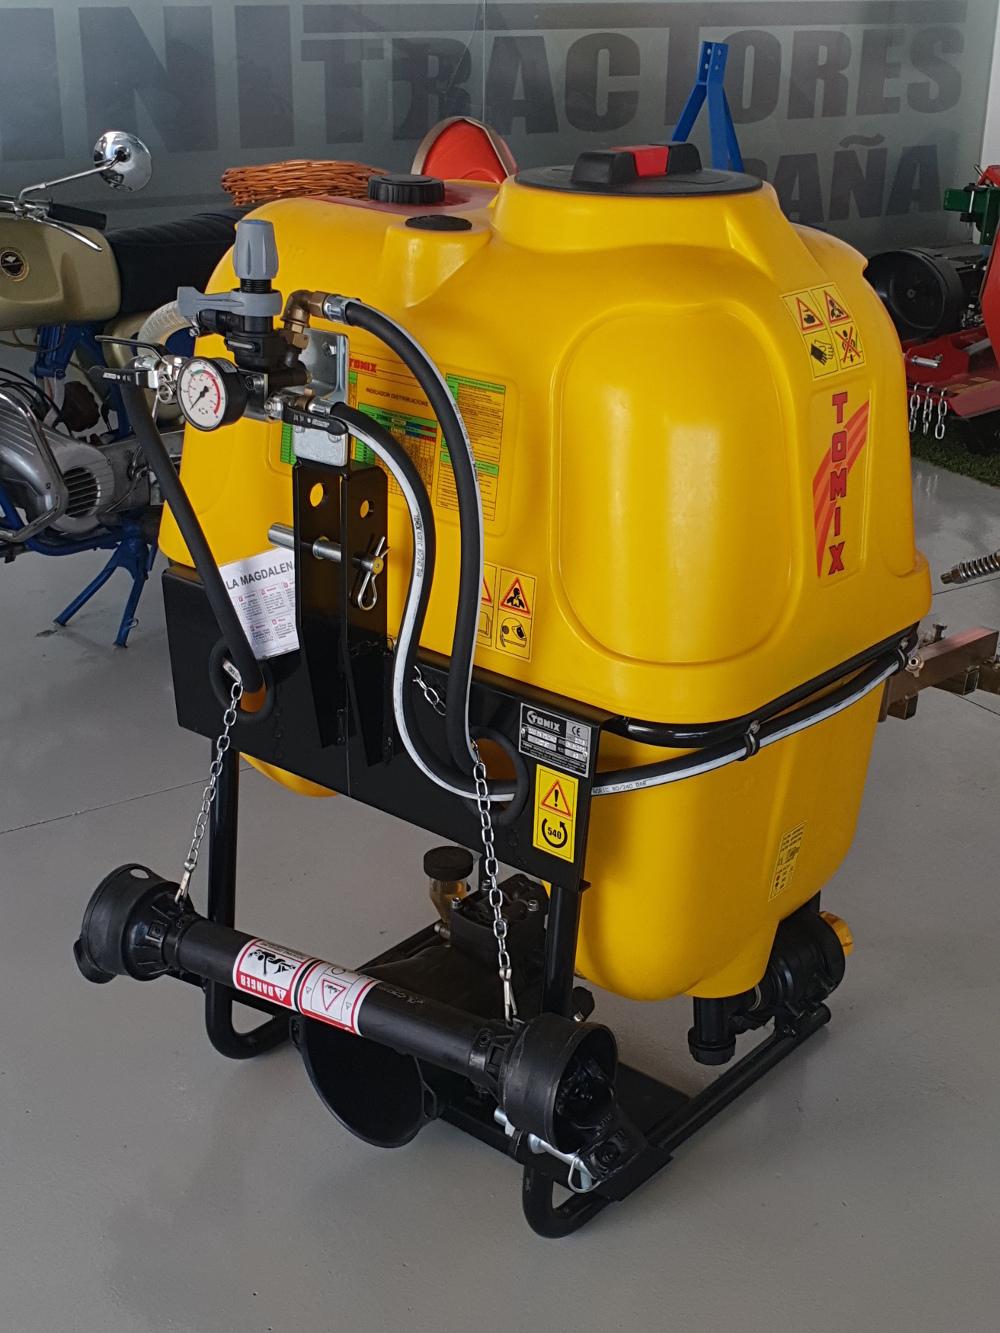 Pulverizador agrícola TOMIX, sulfatadora, cuba de sulfatar 100 litros | Maquinaria y equipos | Agrícola y riego | Equipamiento | Img 1 | Tabdevi.com